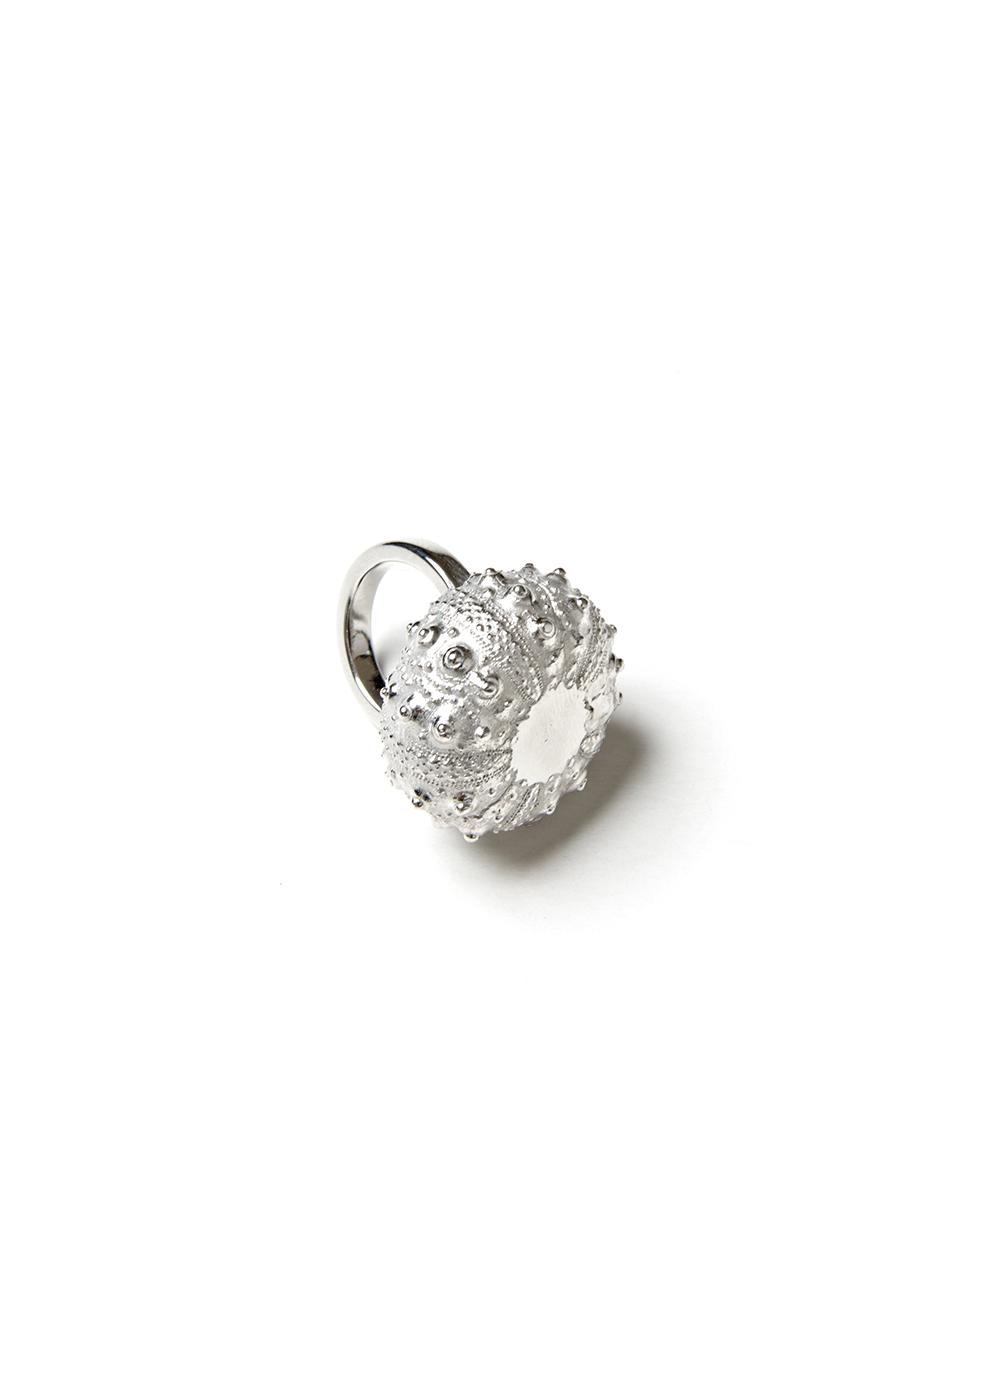 Echinite Satellite Ring